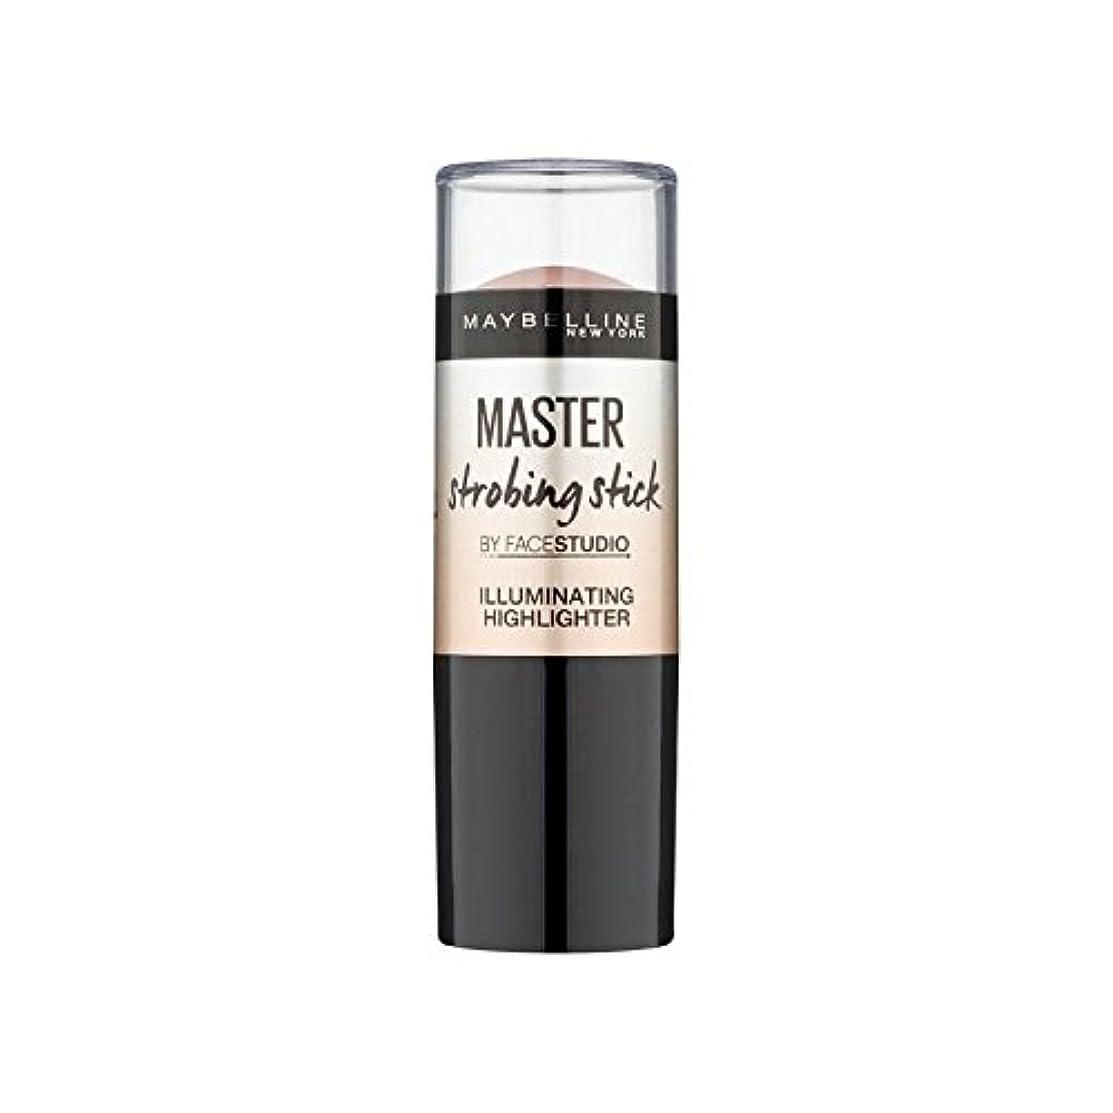 州瞳ベイビーメイベリンマスターストロボスティックライト x4 - Maybelline Master Strobing Stick Light (Pack of 4) [並行輸入品]